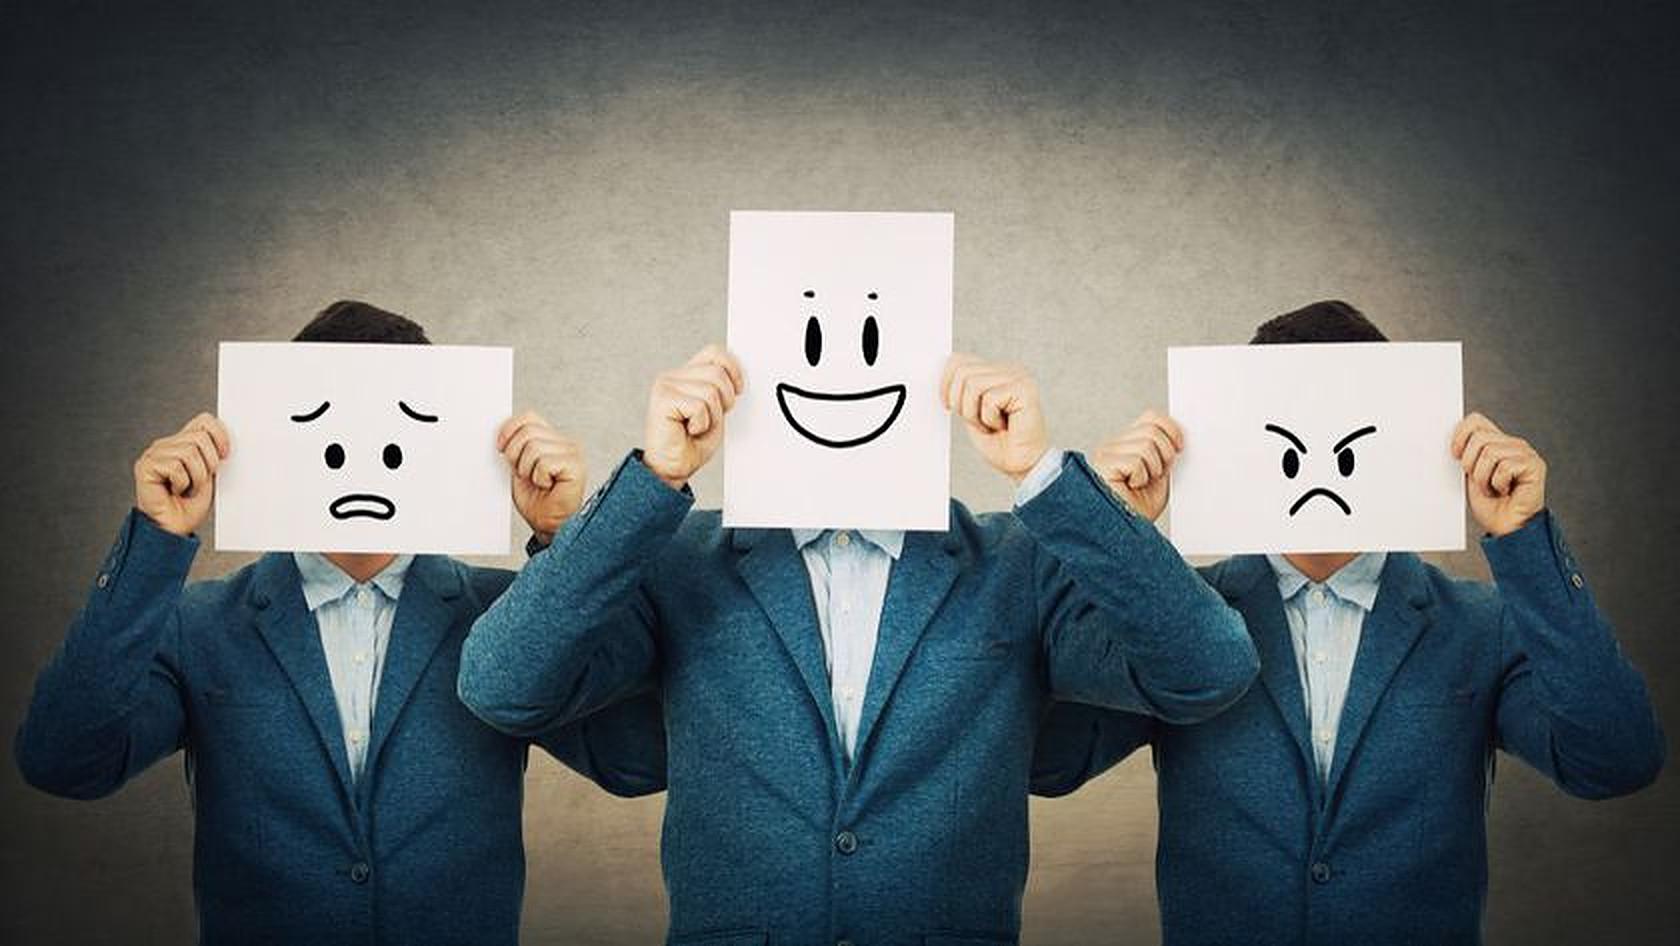 Nu sunteți introvertit sau extrovertit? 8 semne că ați putea fi un ambivert